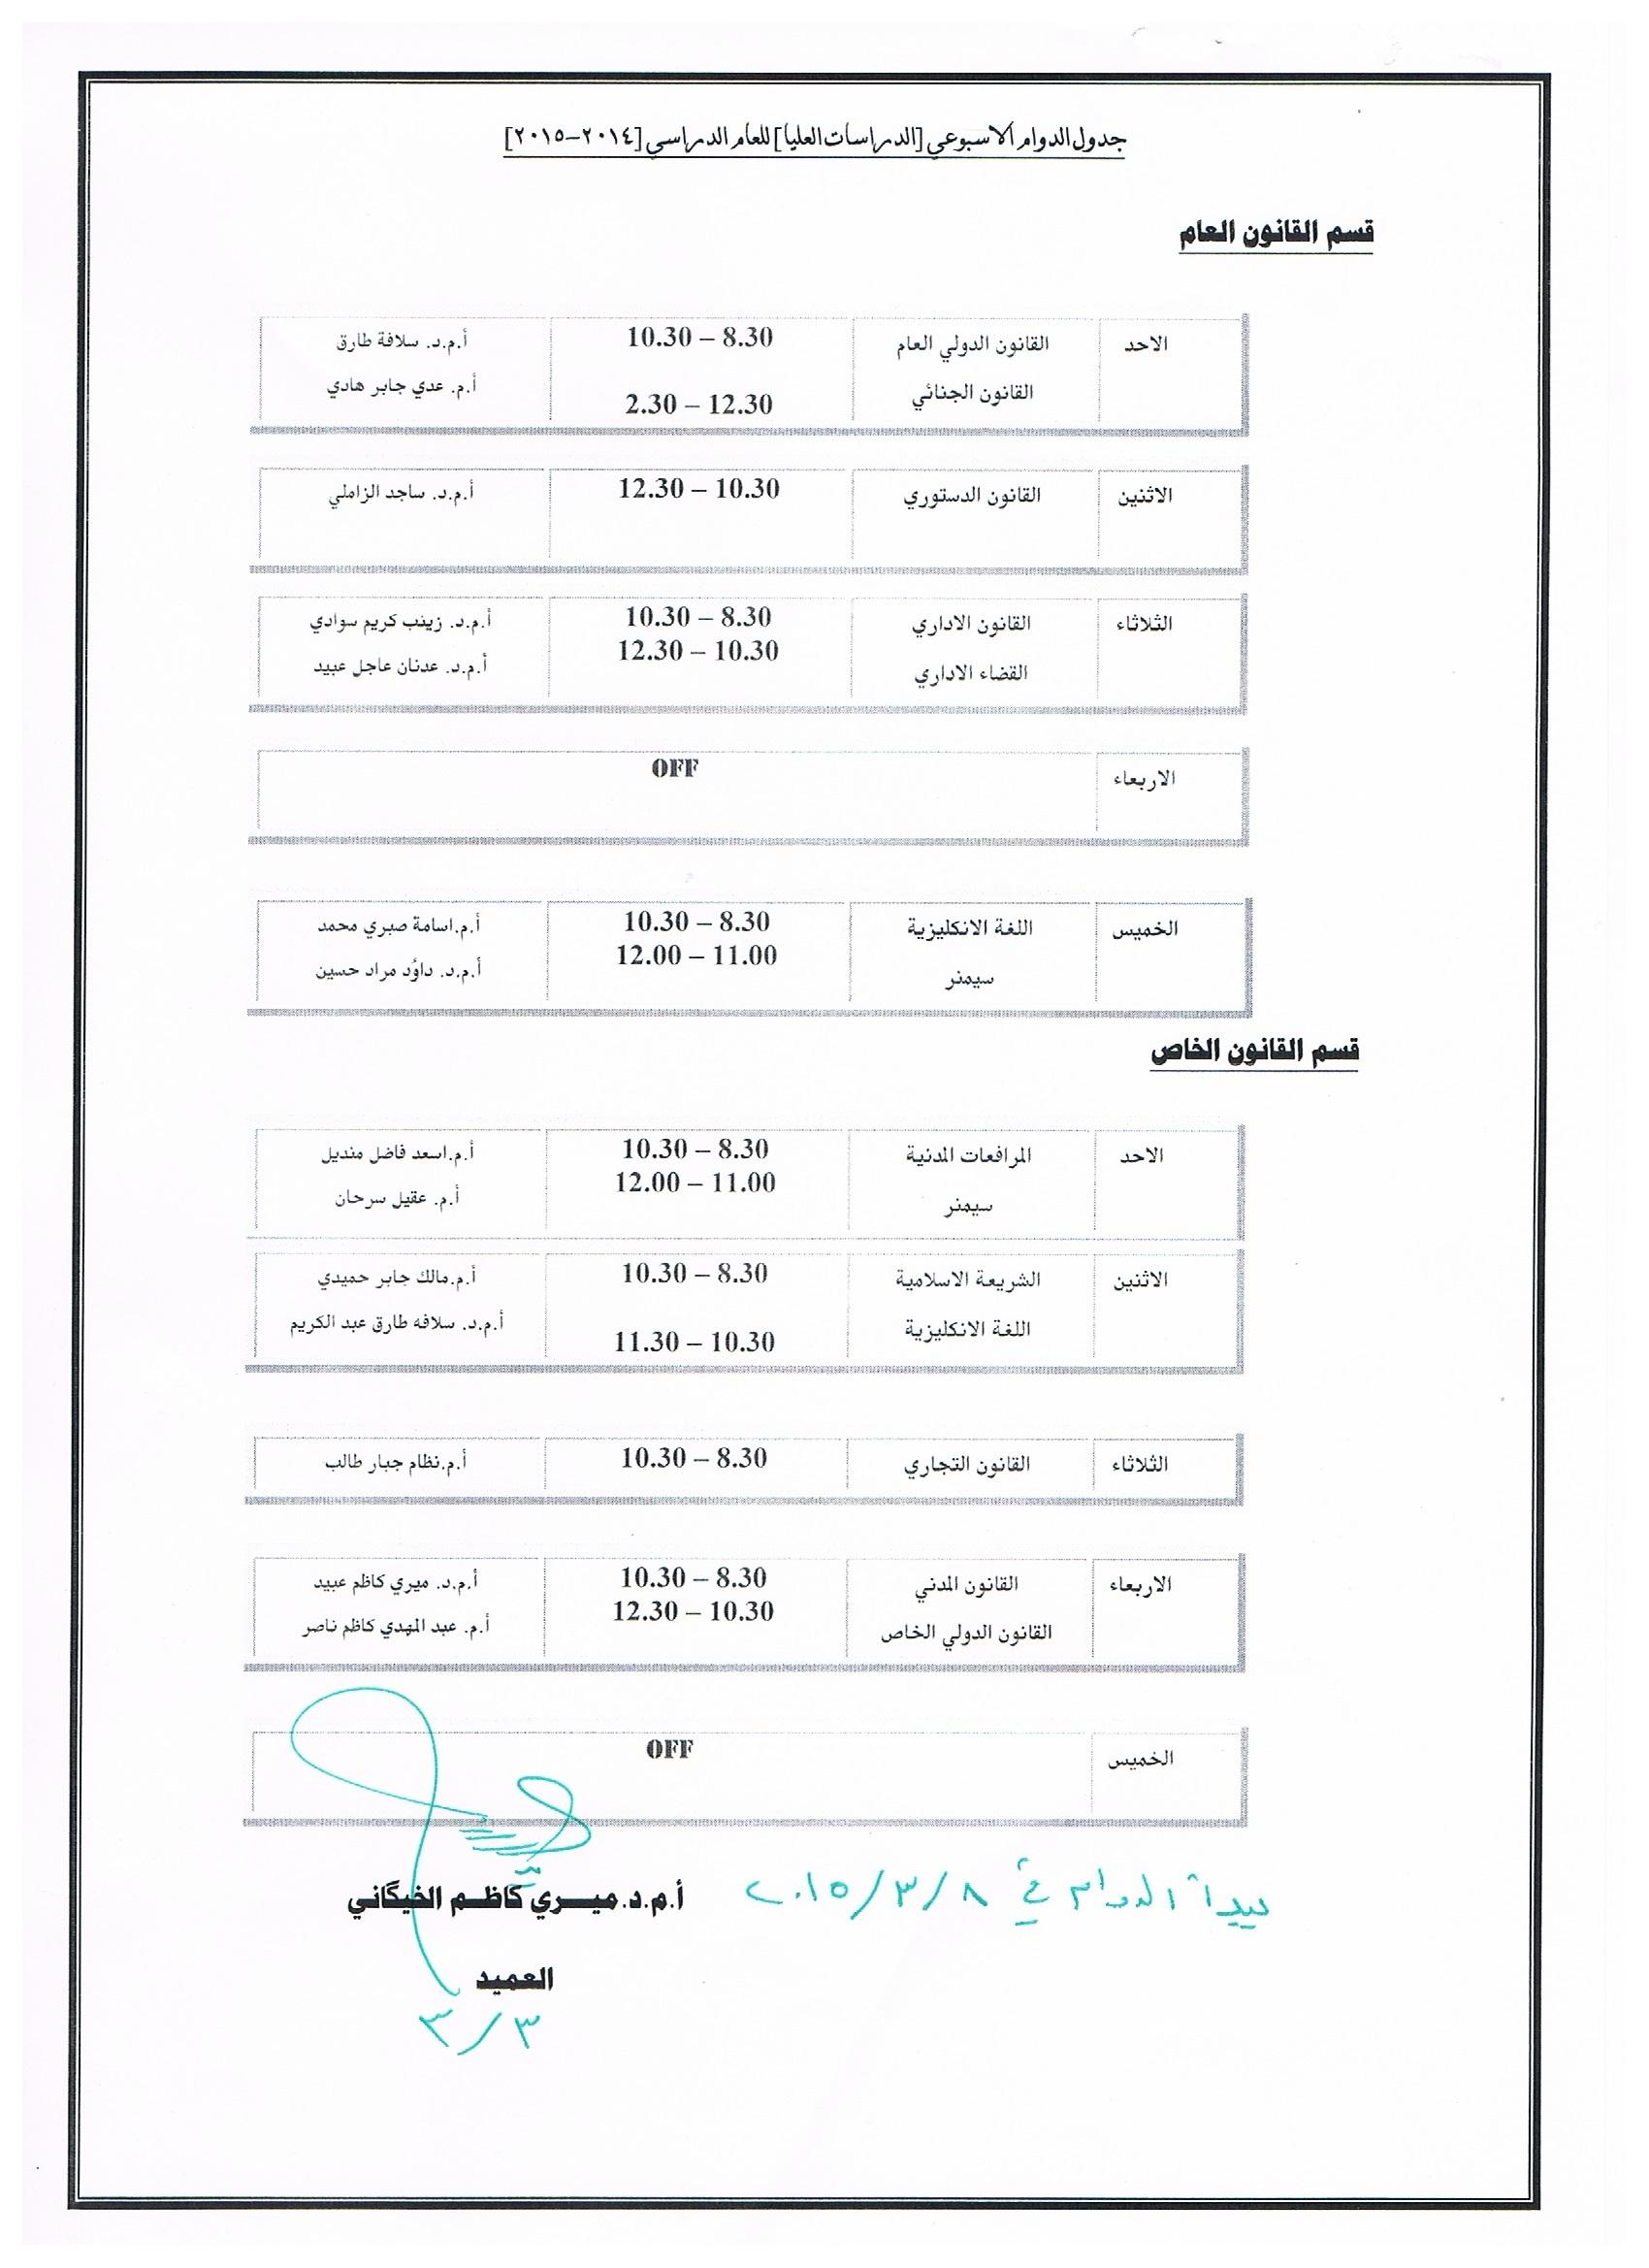 جدول الدوام الاسبوعي [الدراسات العليا]  للعام الدراسي 2015/2014